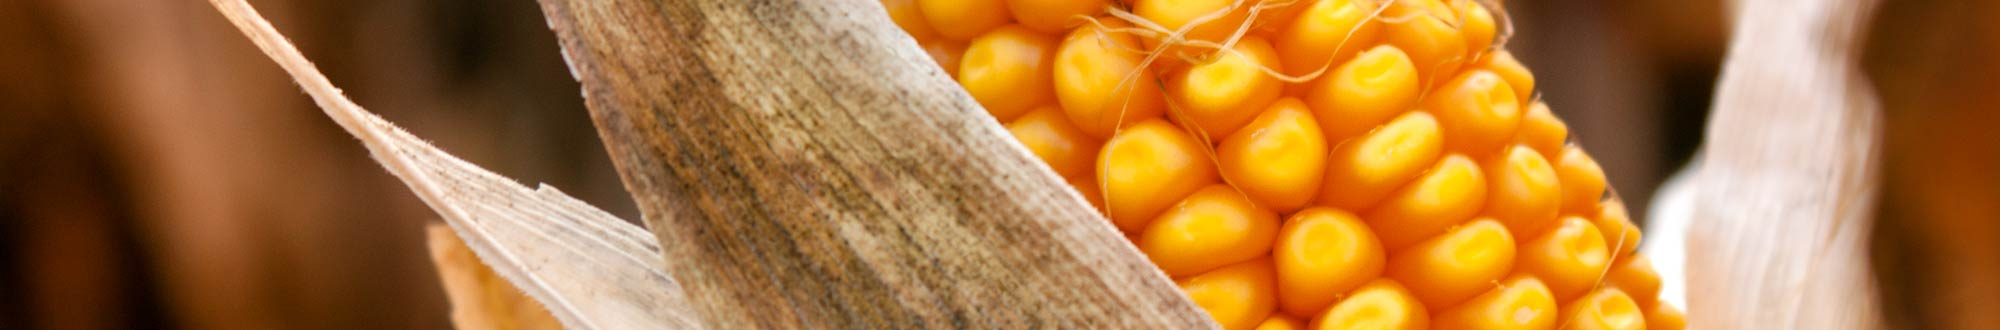 Seed corn harvest